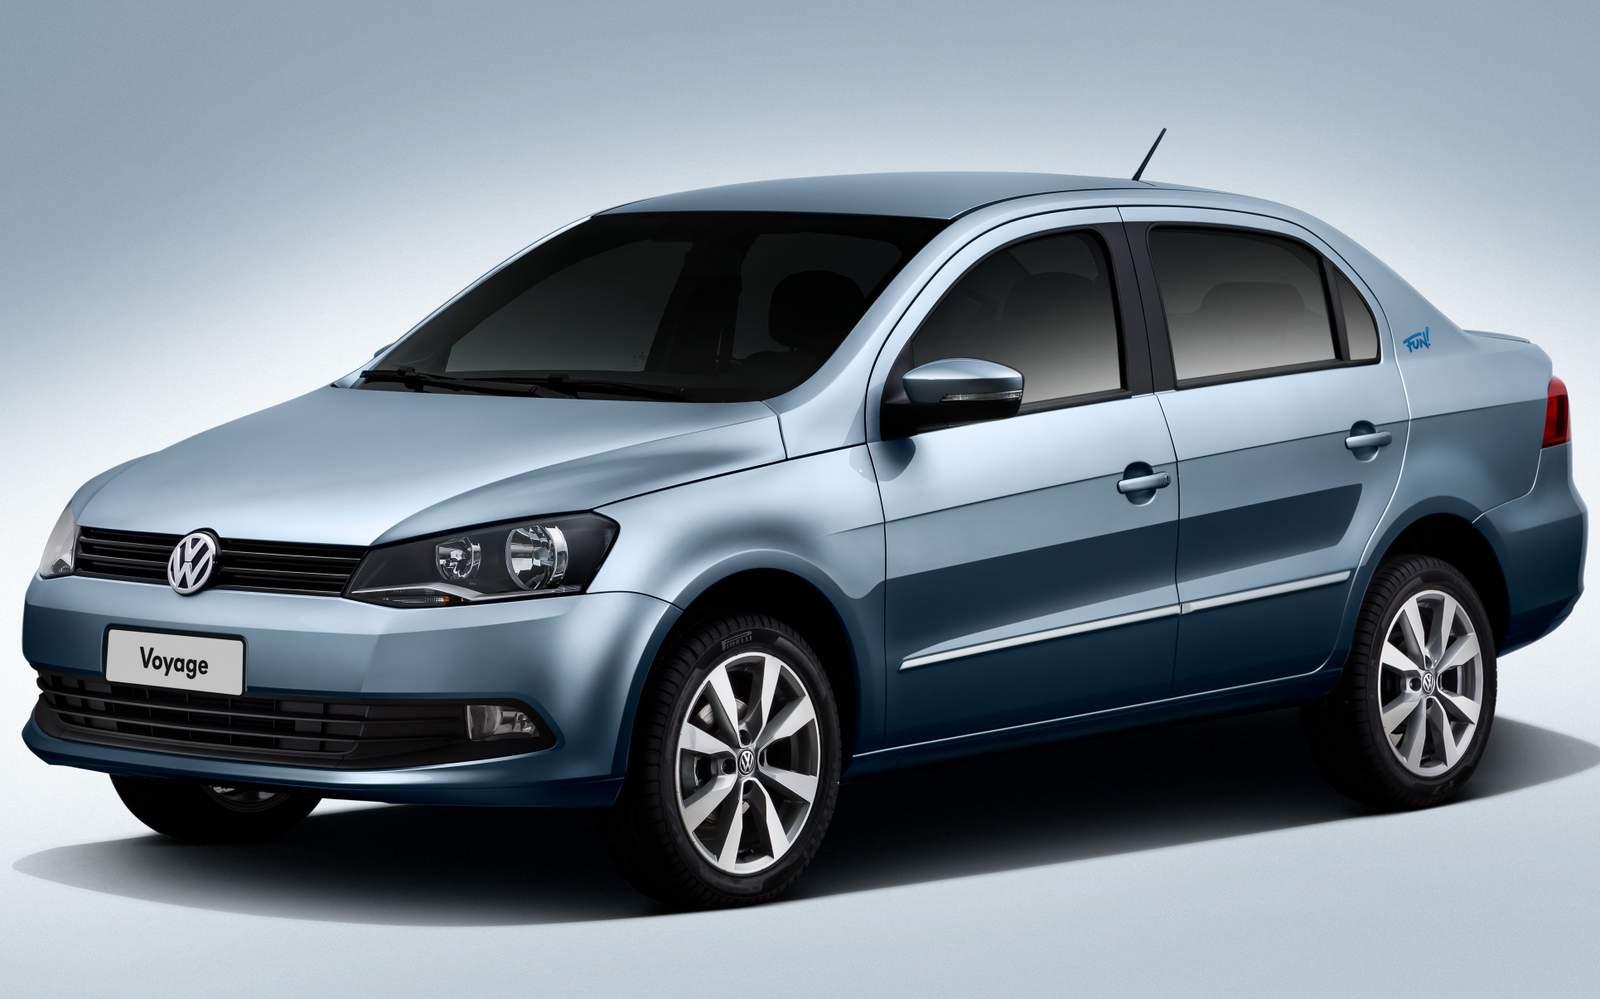 Novo Volkswagen Voyage Comfortline 2015